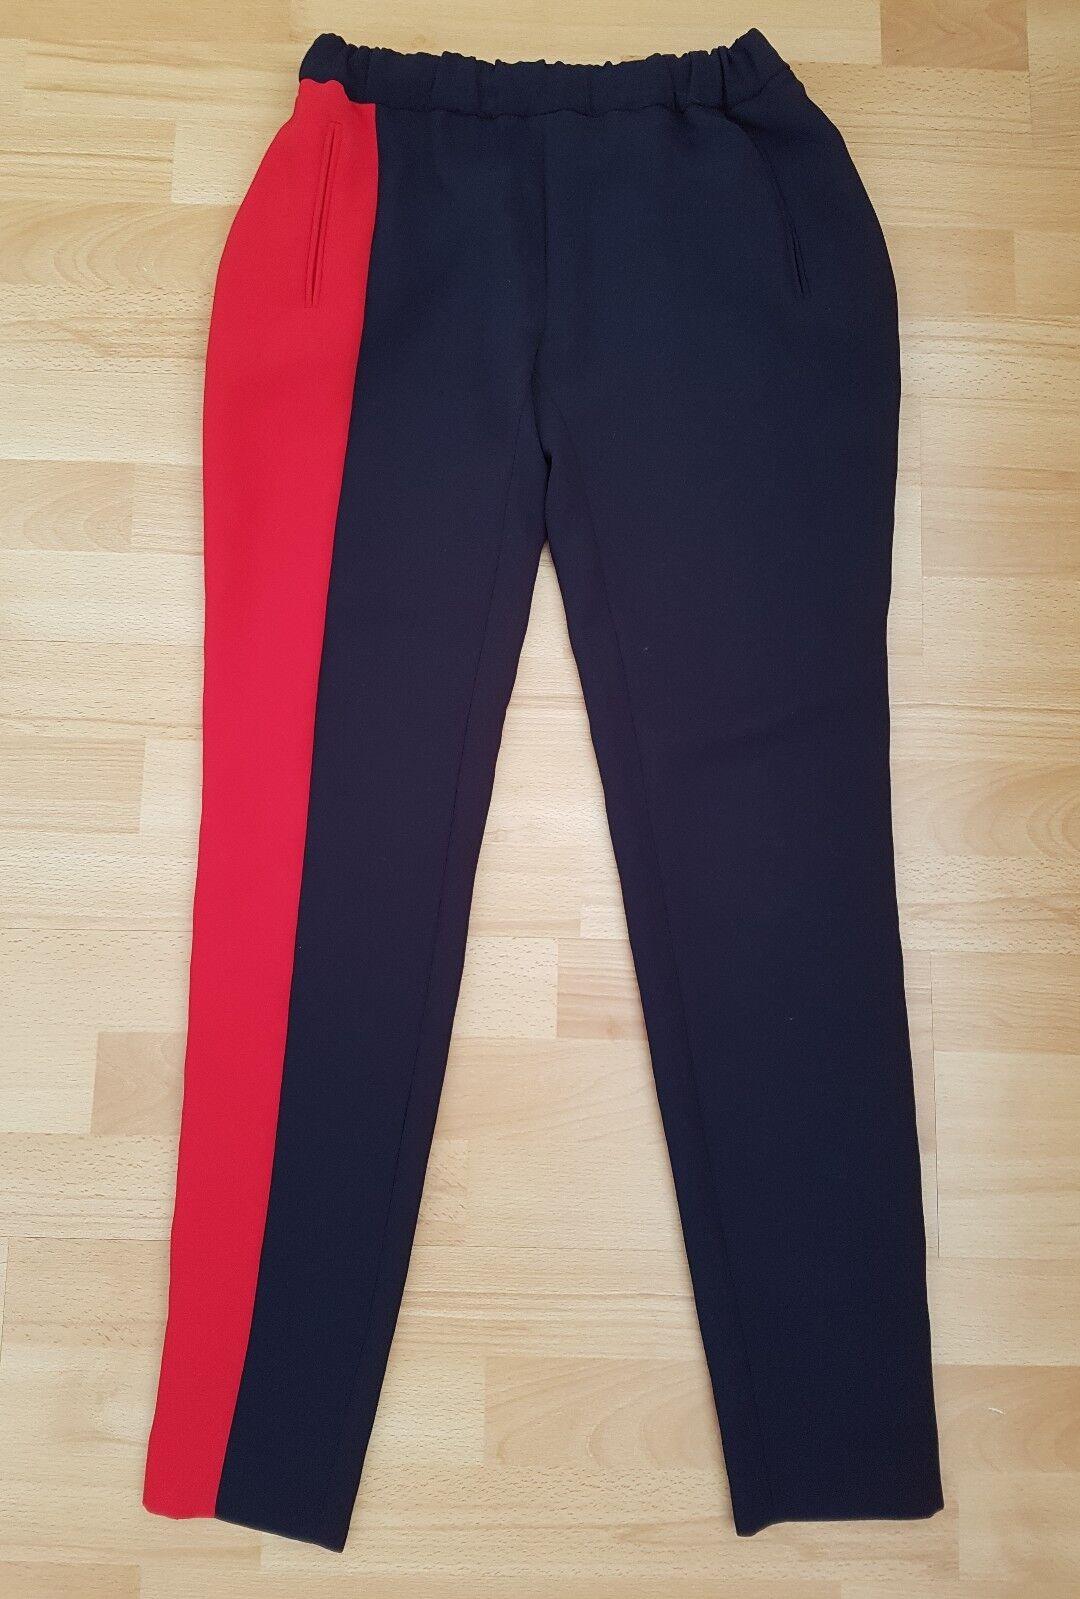 Splendido Claudie Pierlot Pantaloni con cerniere alla taglia taglia taglia 36, end o UK8-in buonissima condizione f16c0c